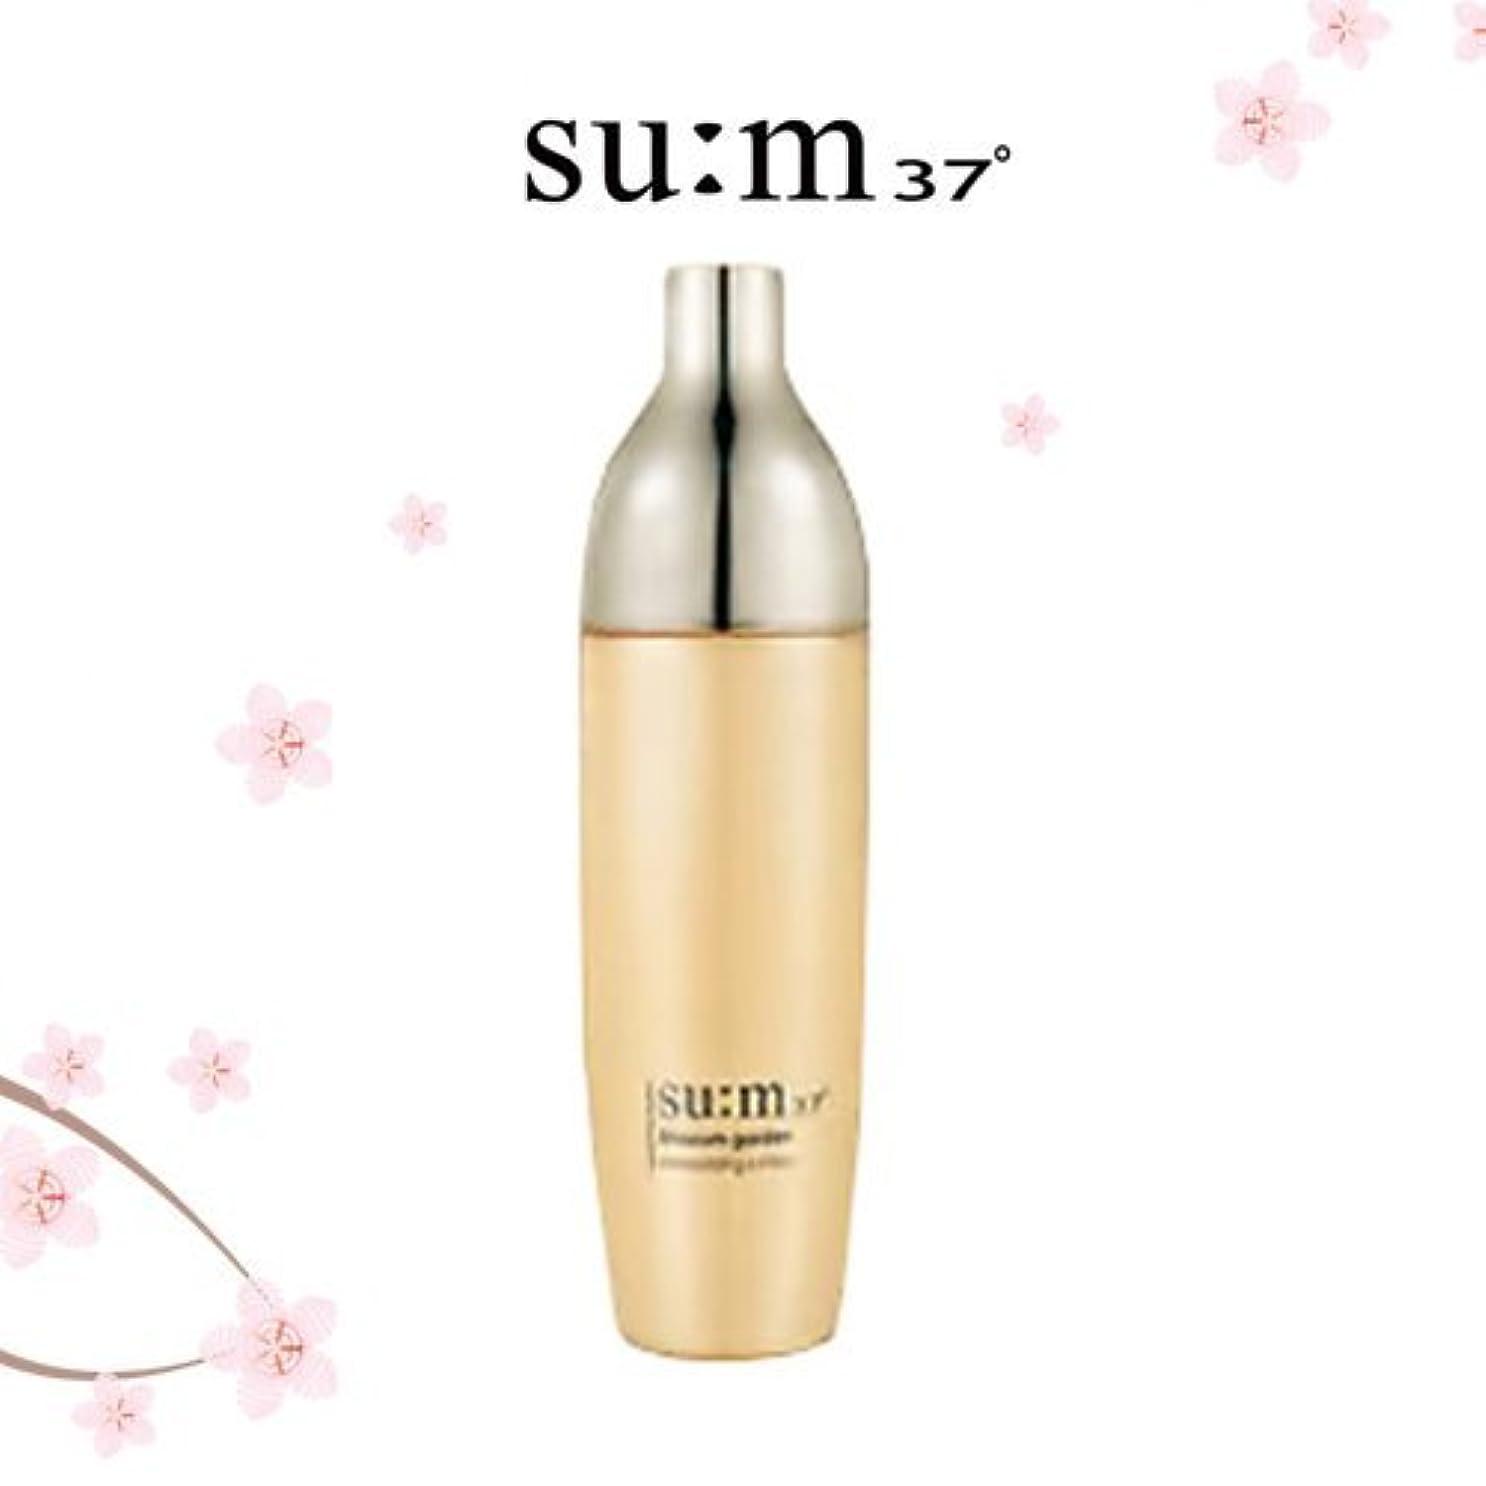 軽蔑するオーケストラ港sum37(スム37)ブロッサムガーデンモイスチャライジングローション135ml(blossom garden moisturizing lotion)(並行輸入品)